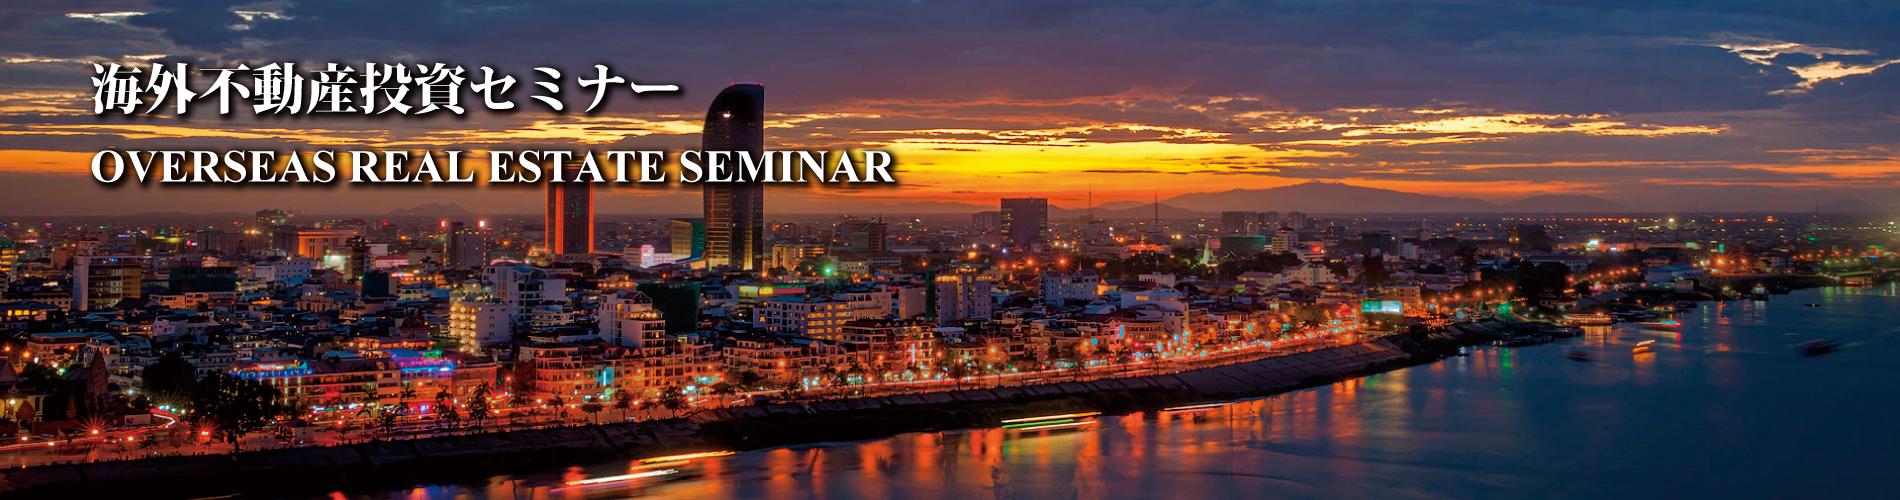 海外不動産投資セミナー